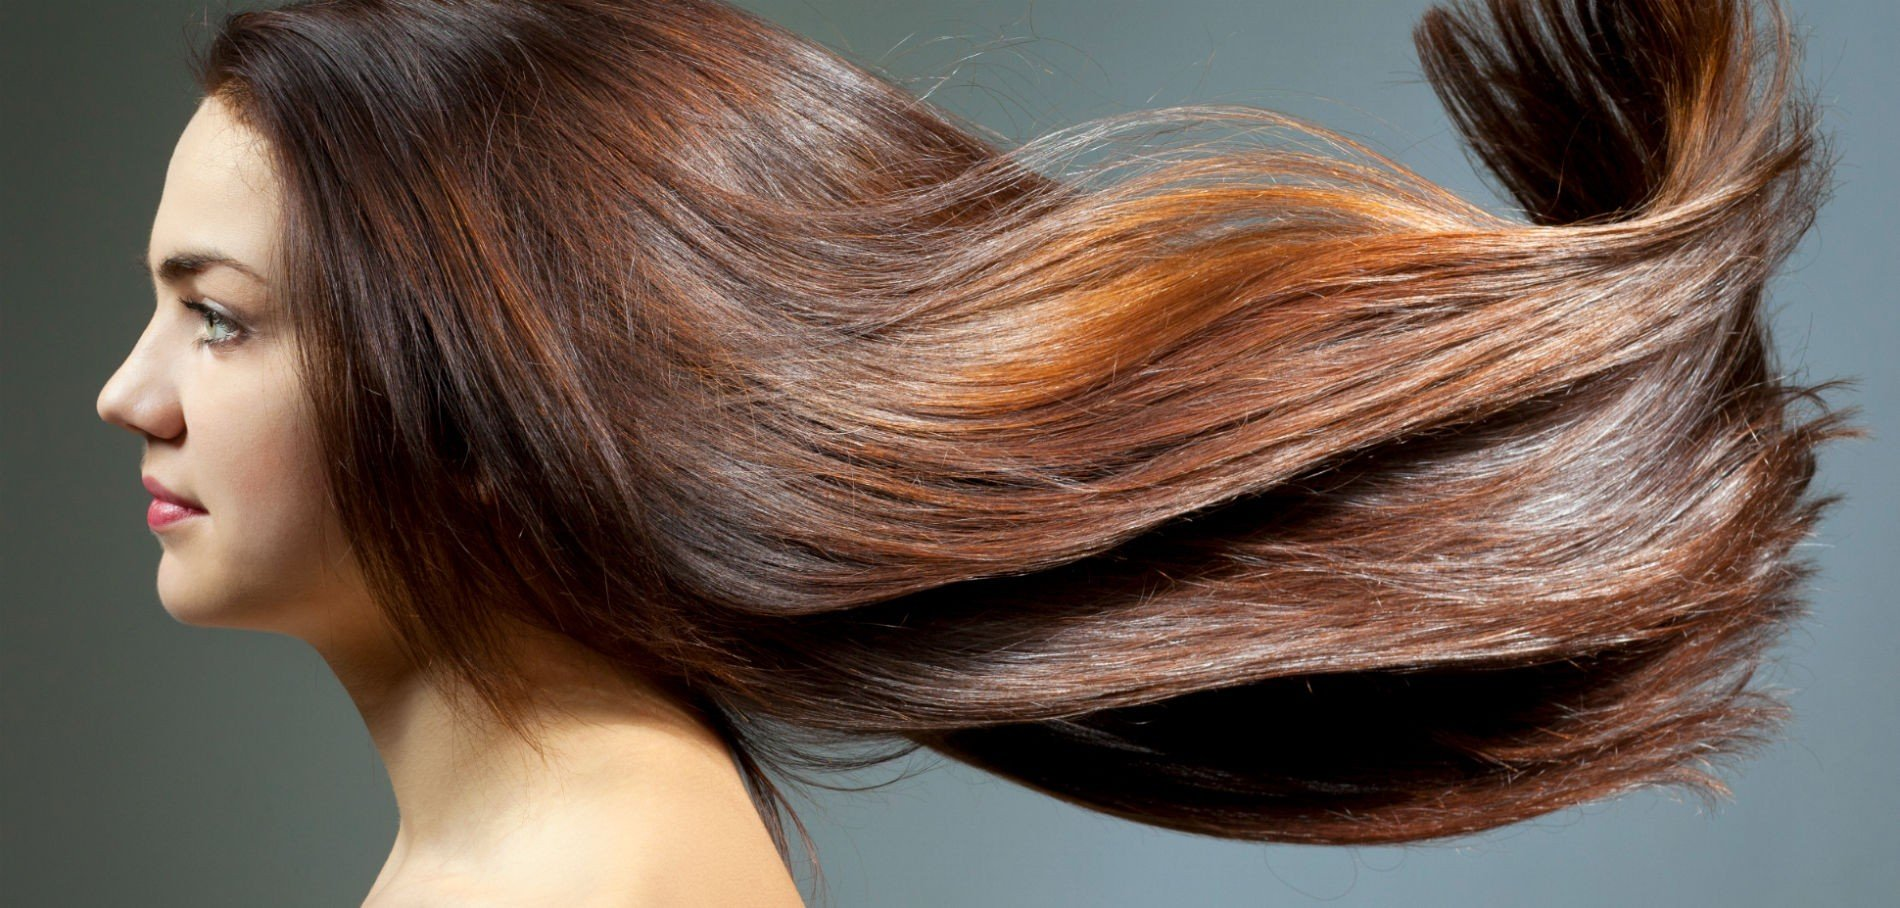 5fd2be0ad1bfb C est pourquoi il est important d en prendre soin. Voici donc 9 conseils  pour vous aider à garder toute leur force et leur éclat… Sachez que les  cheveux ...